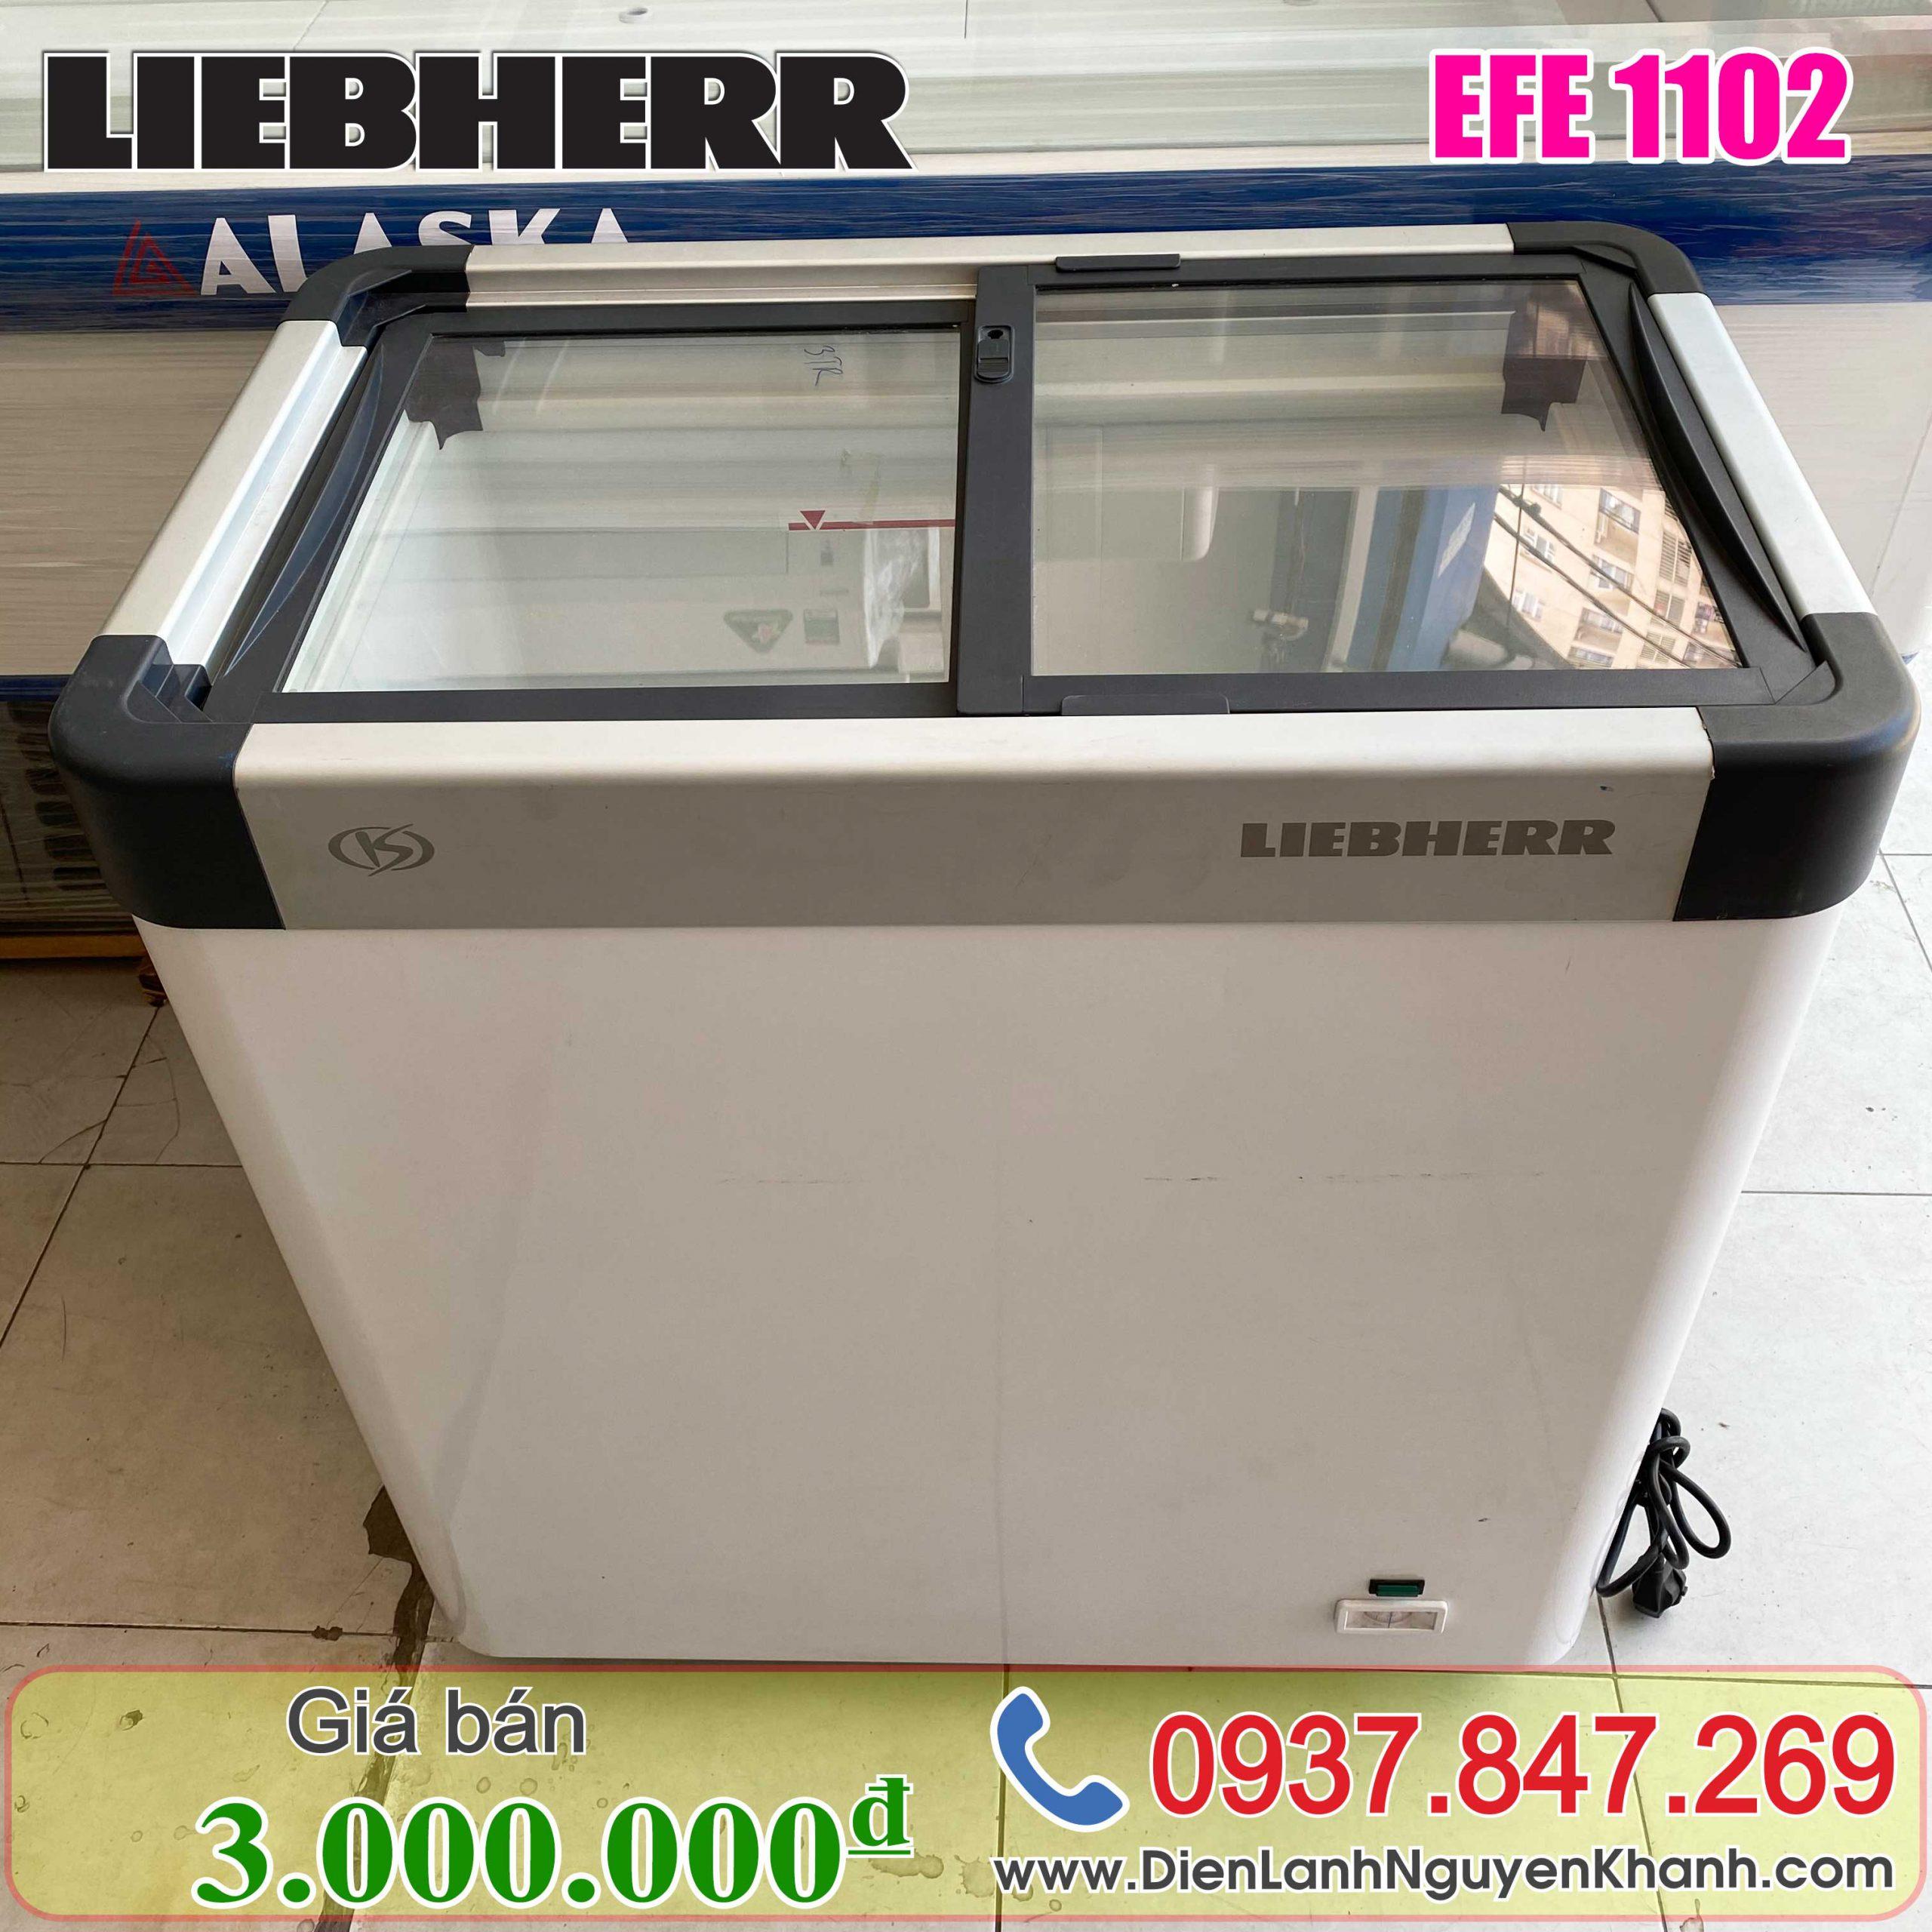 Tủ đông Liebherr EFE 1102 108 lít